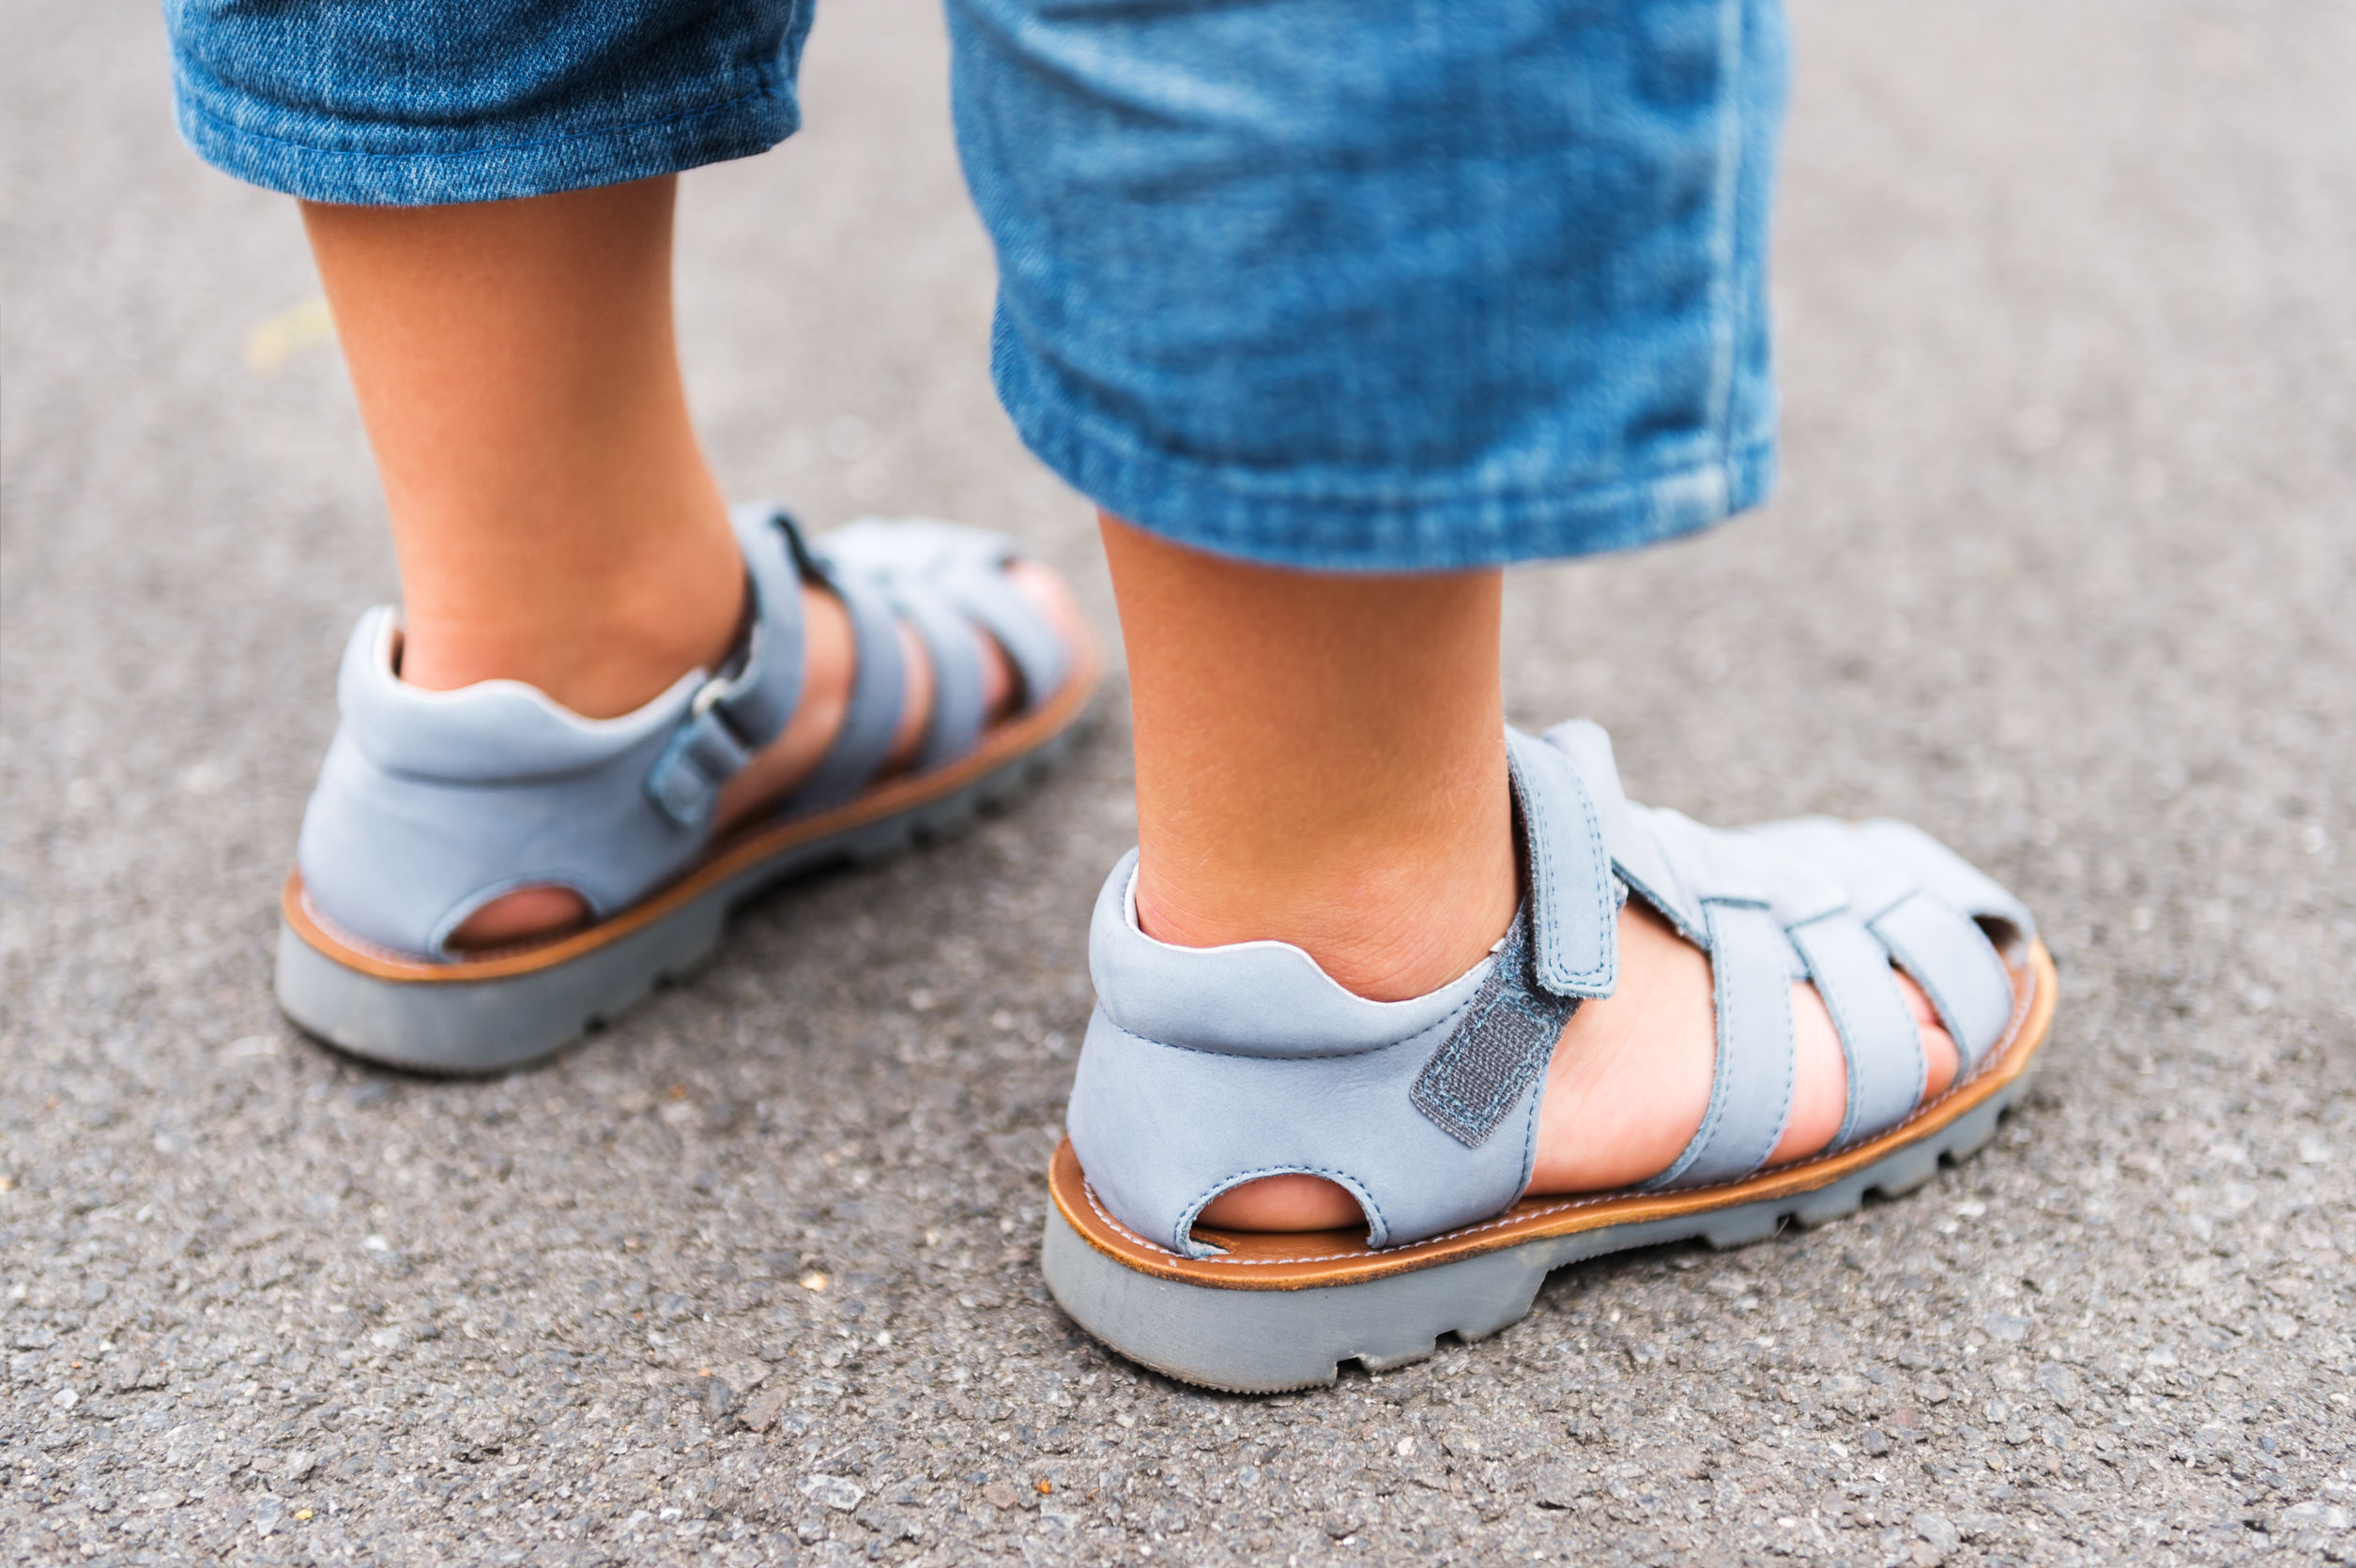 Imagen de niño usando sandalias